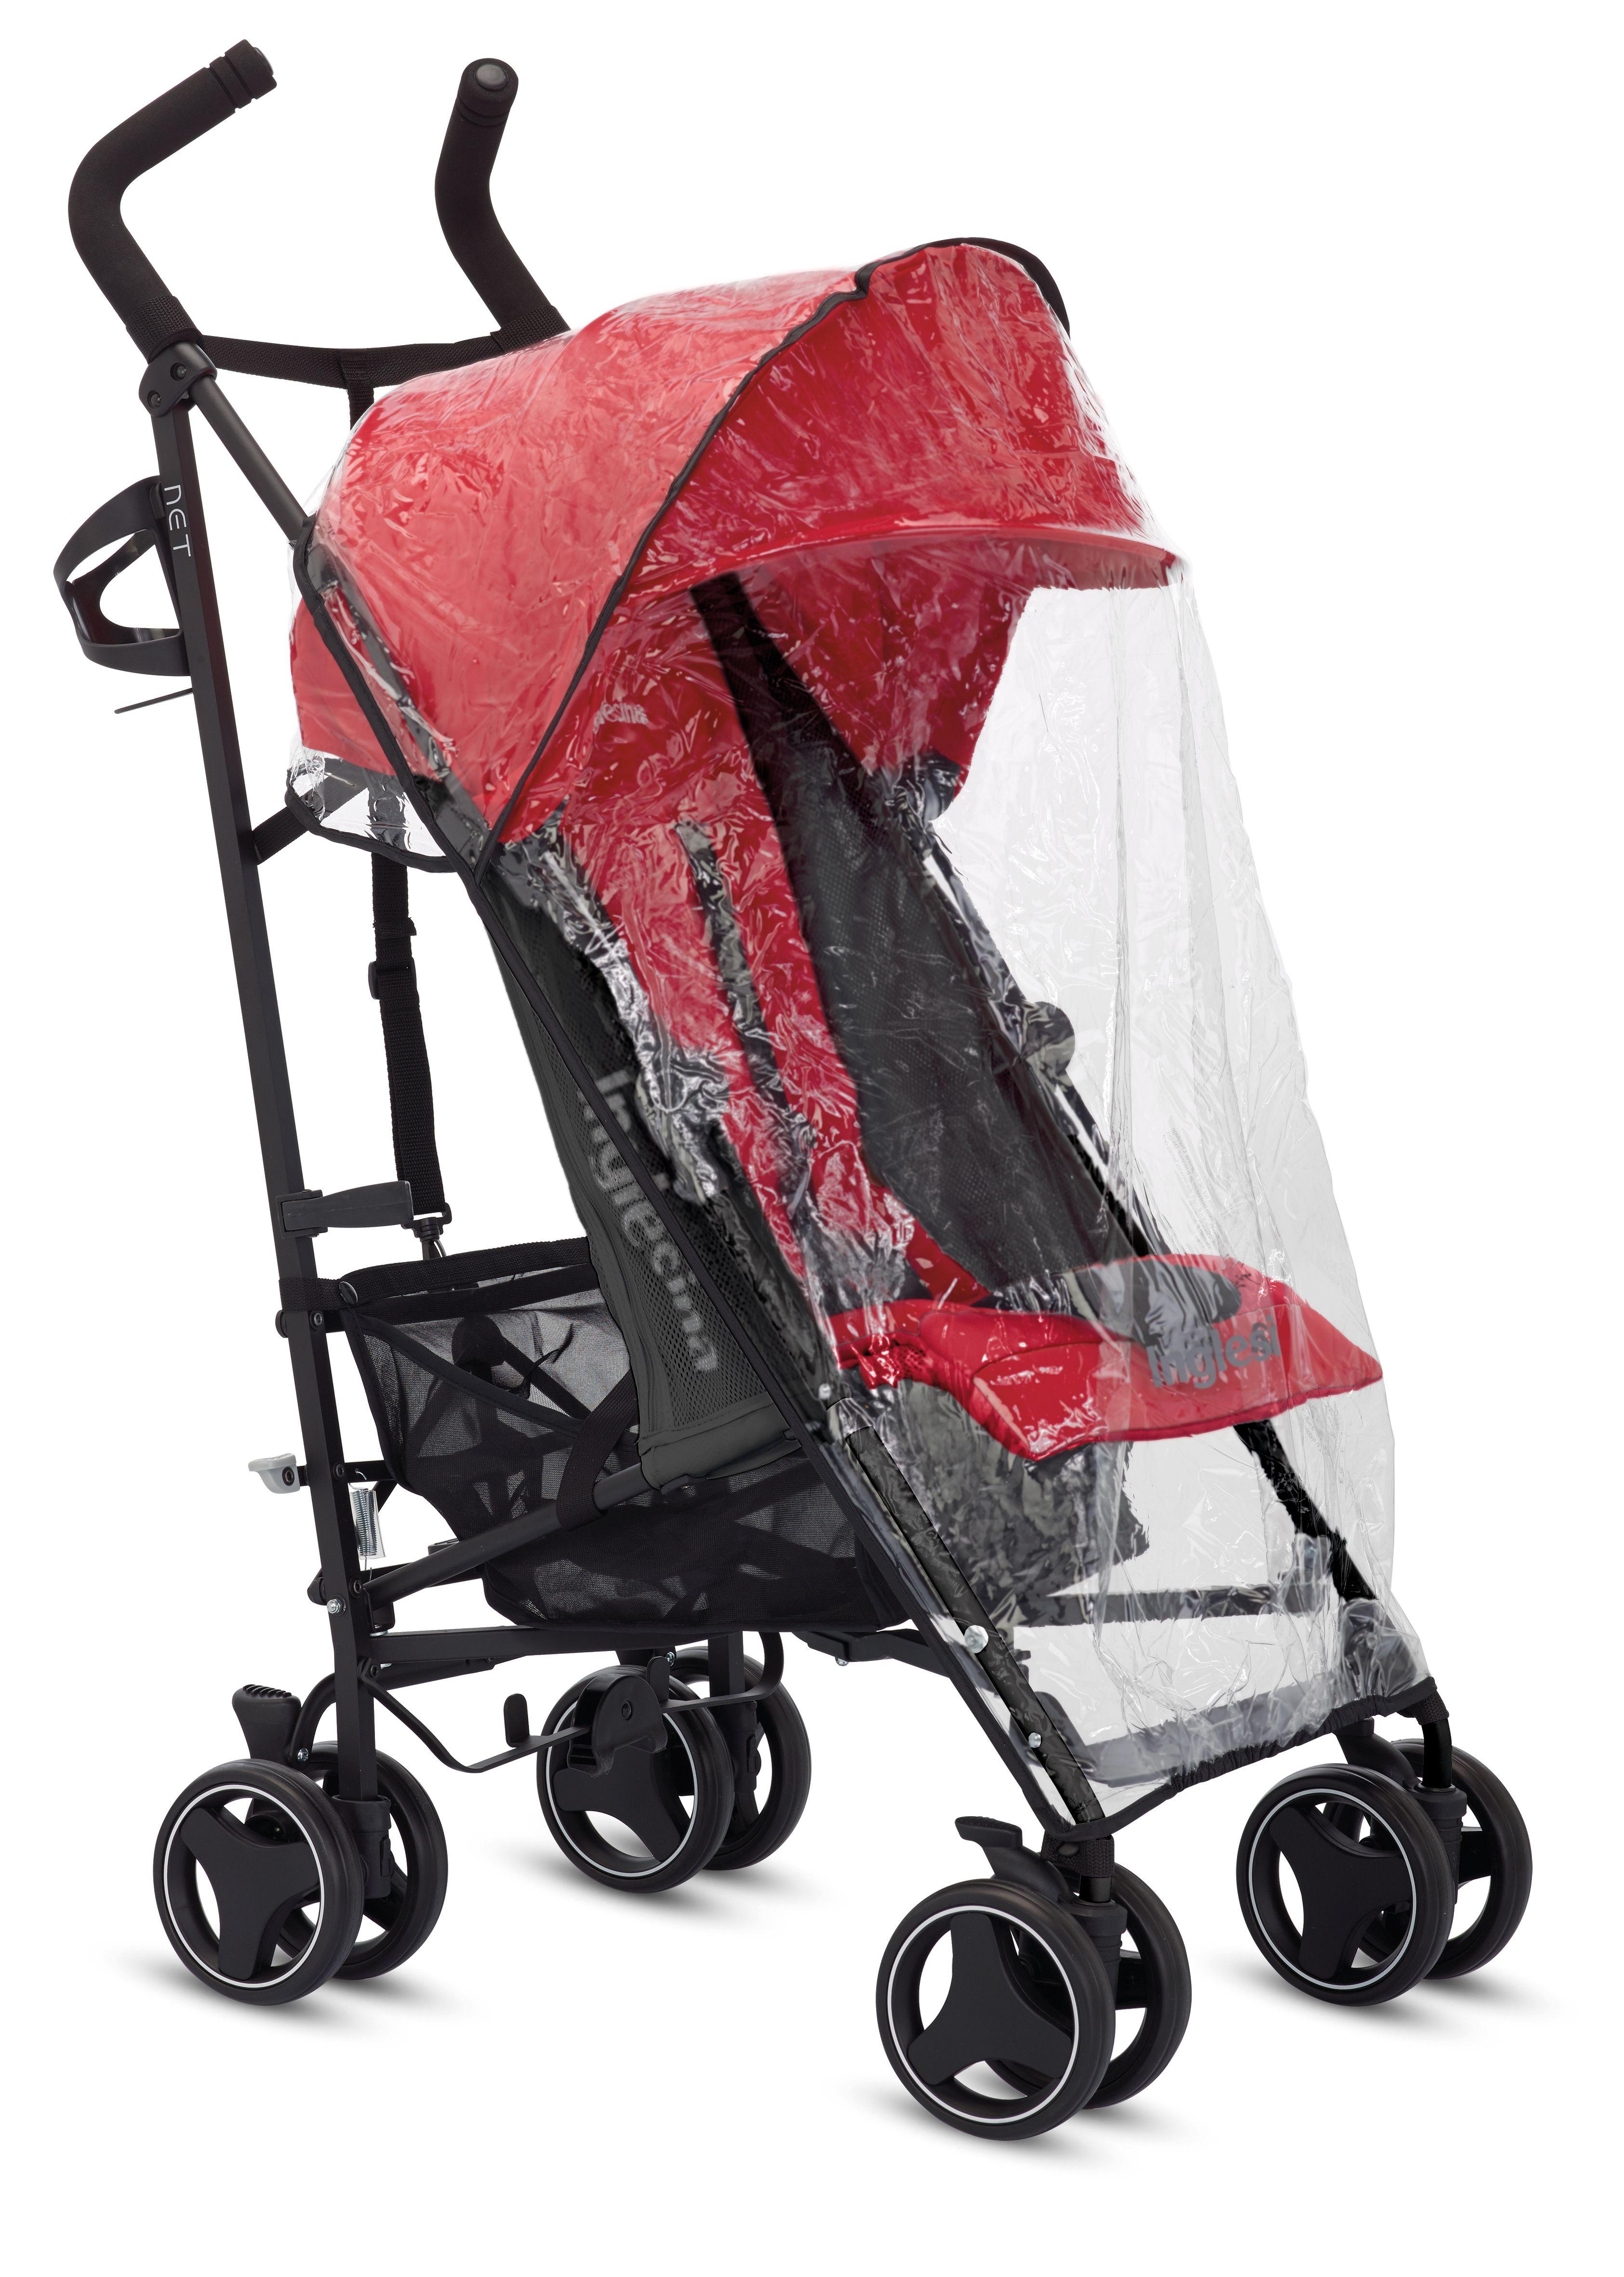 Net Stroller Raincover Stroller cover, Stroller